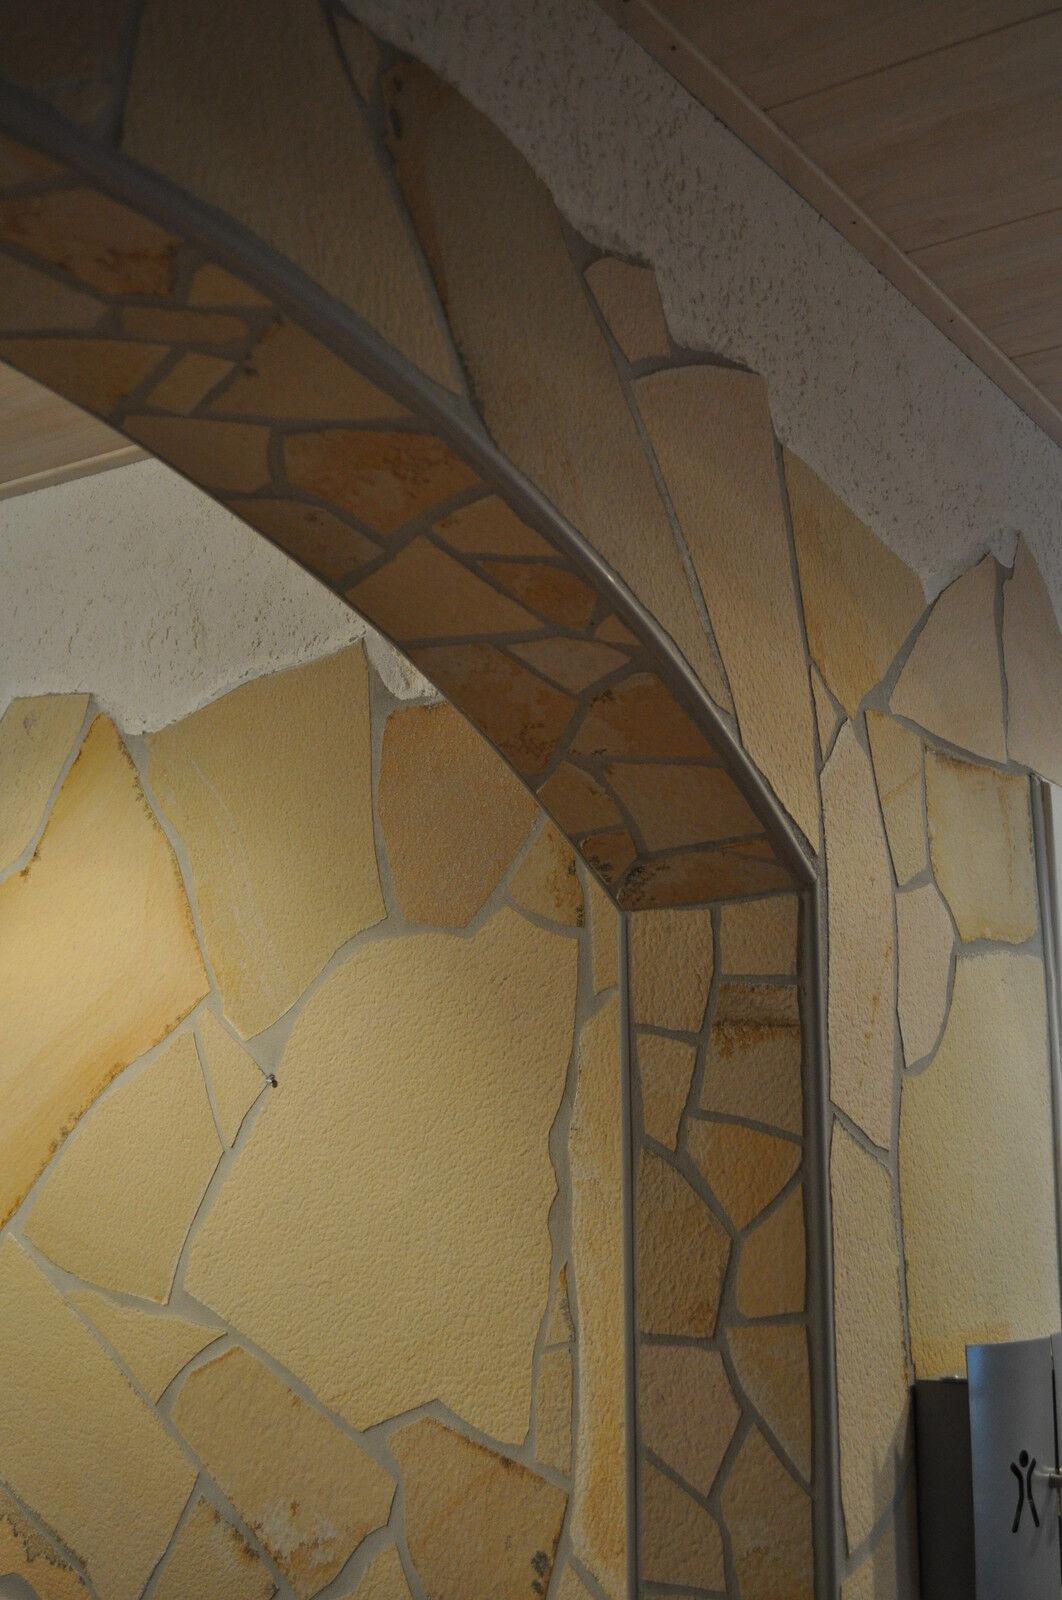 solnhofener naturstein polygonalplatten fliesen platten. Black Bedroom Furniture Sets. Home Design Ideas